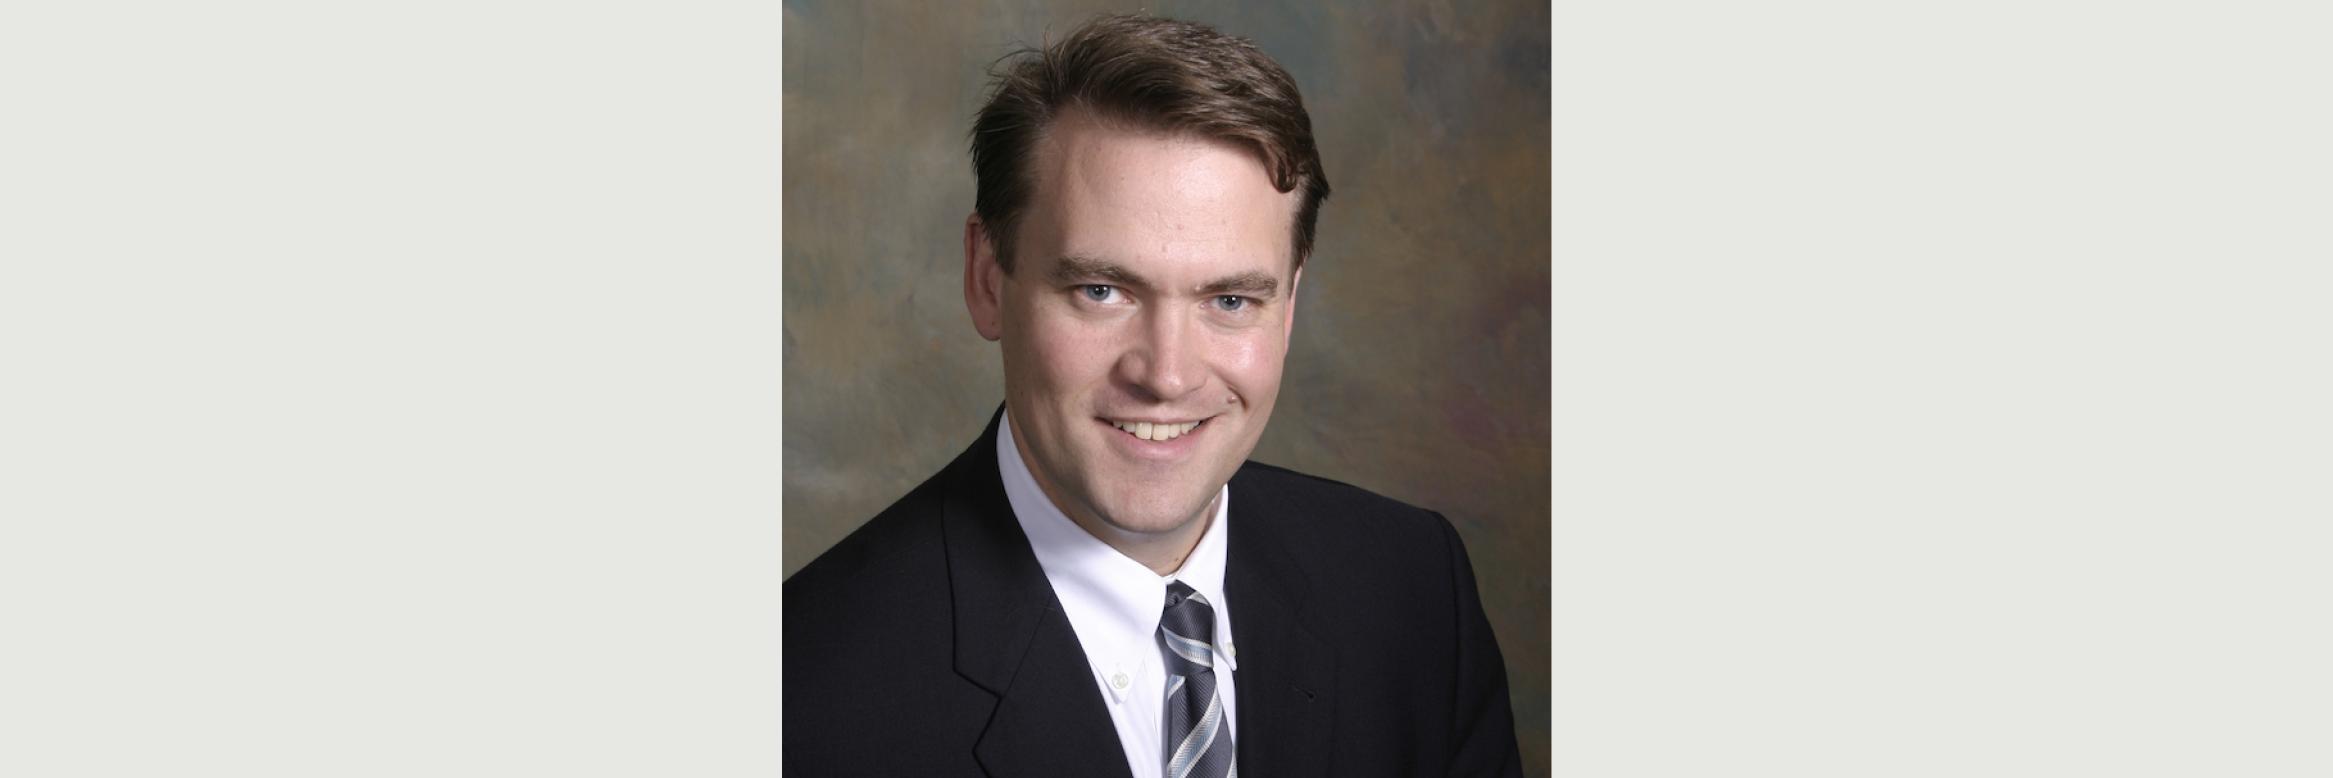 Dr. Charles J. Ryan Headshot